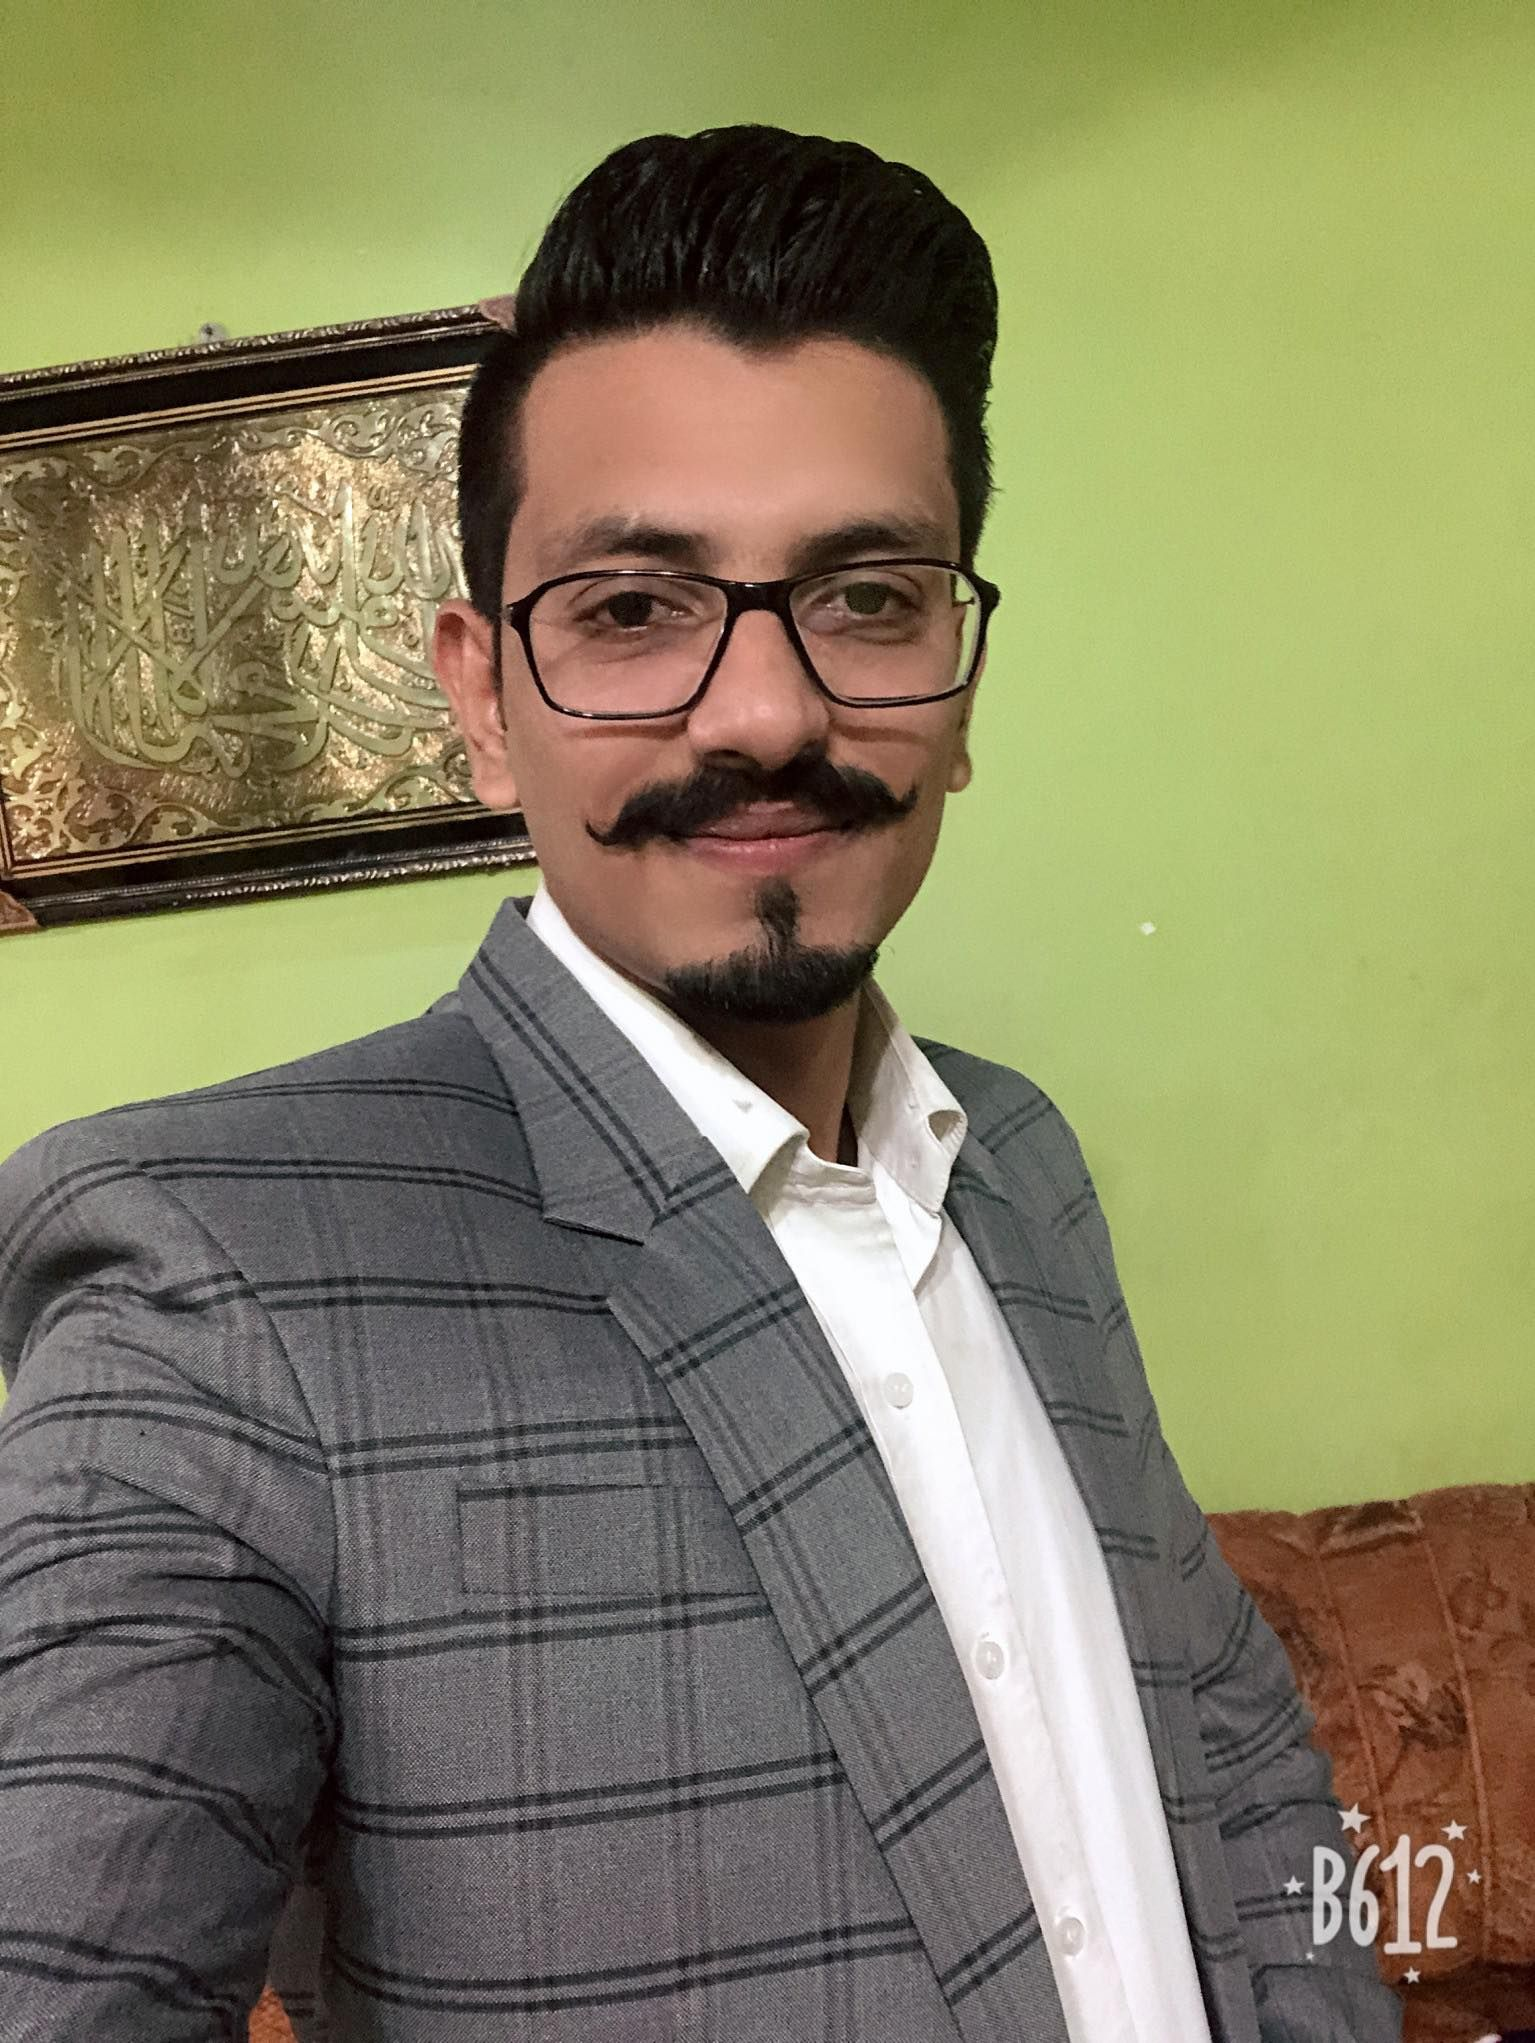 Tanvir Zafar Hacker Noon profile picture